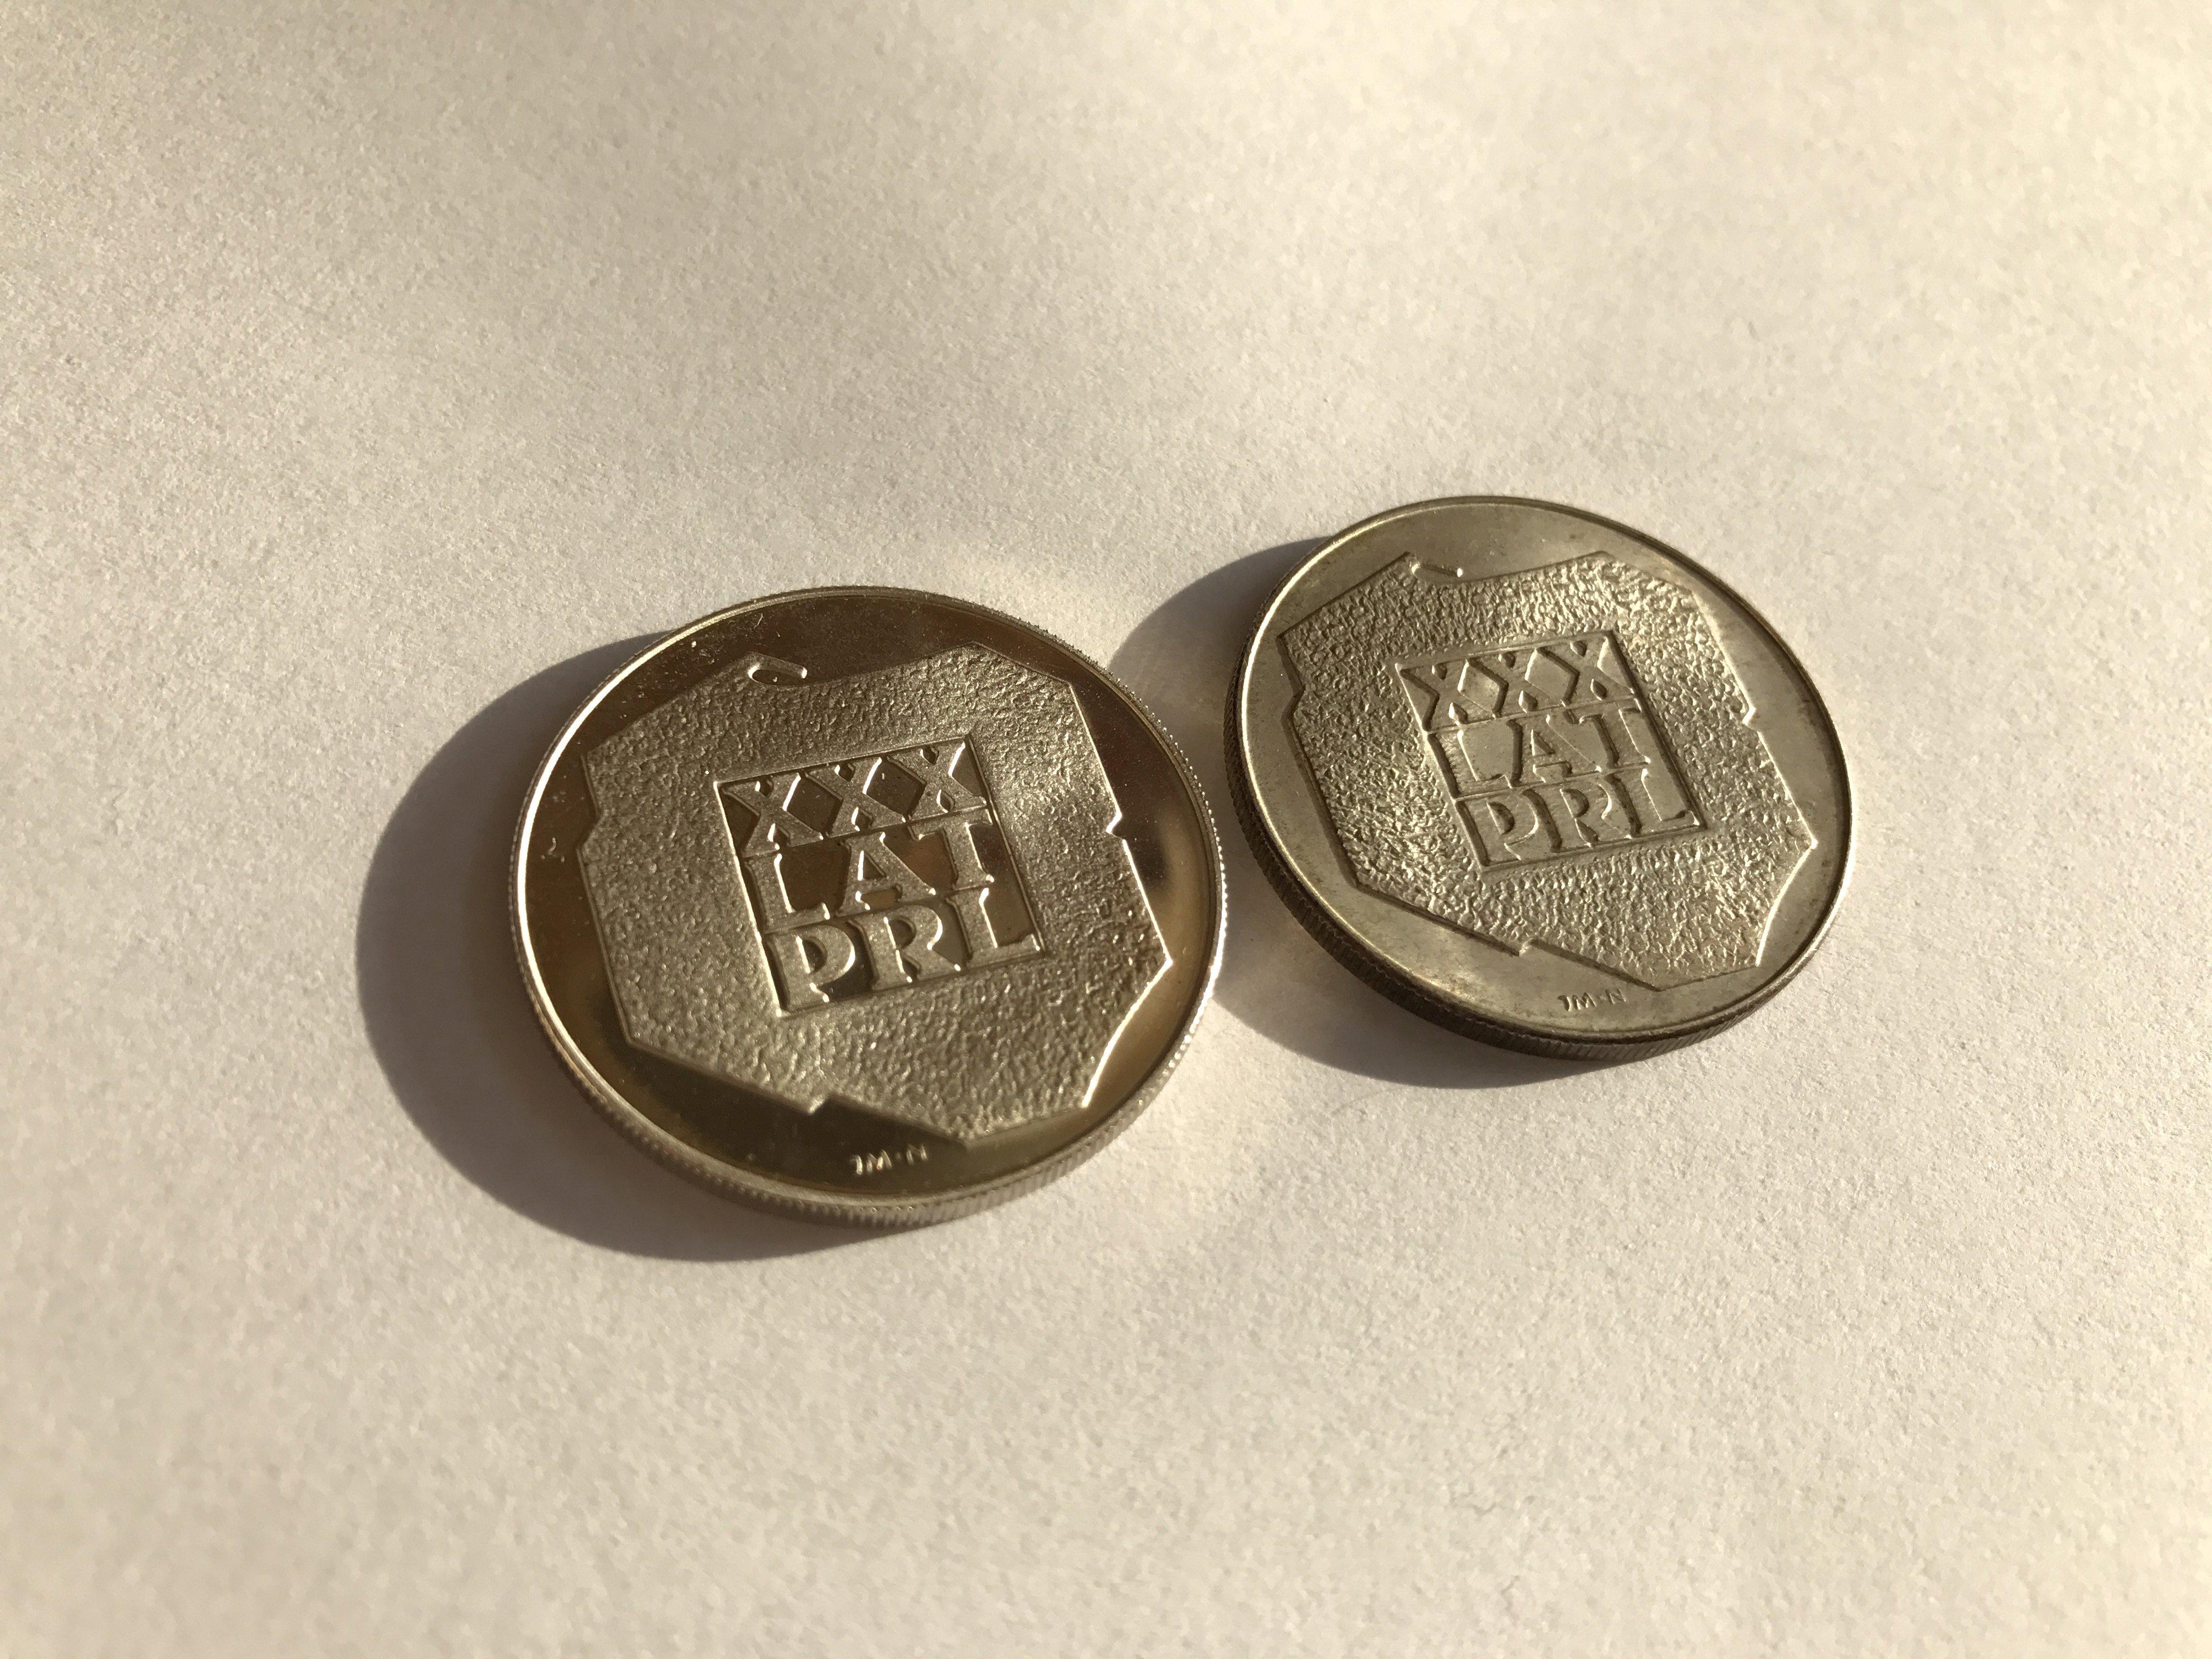 XXX lat prl moneta